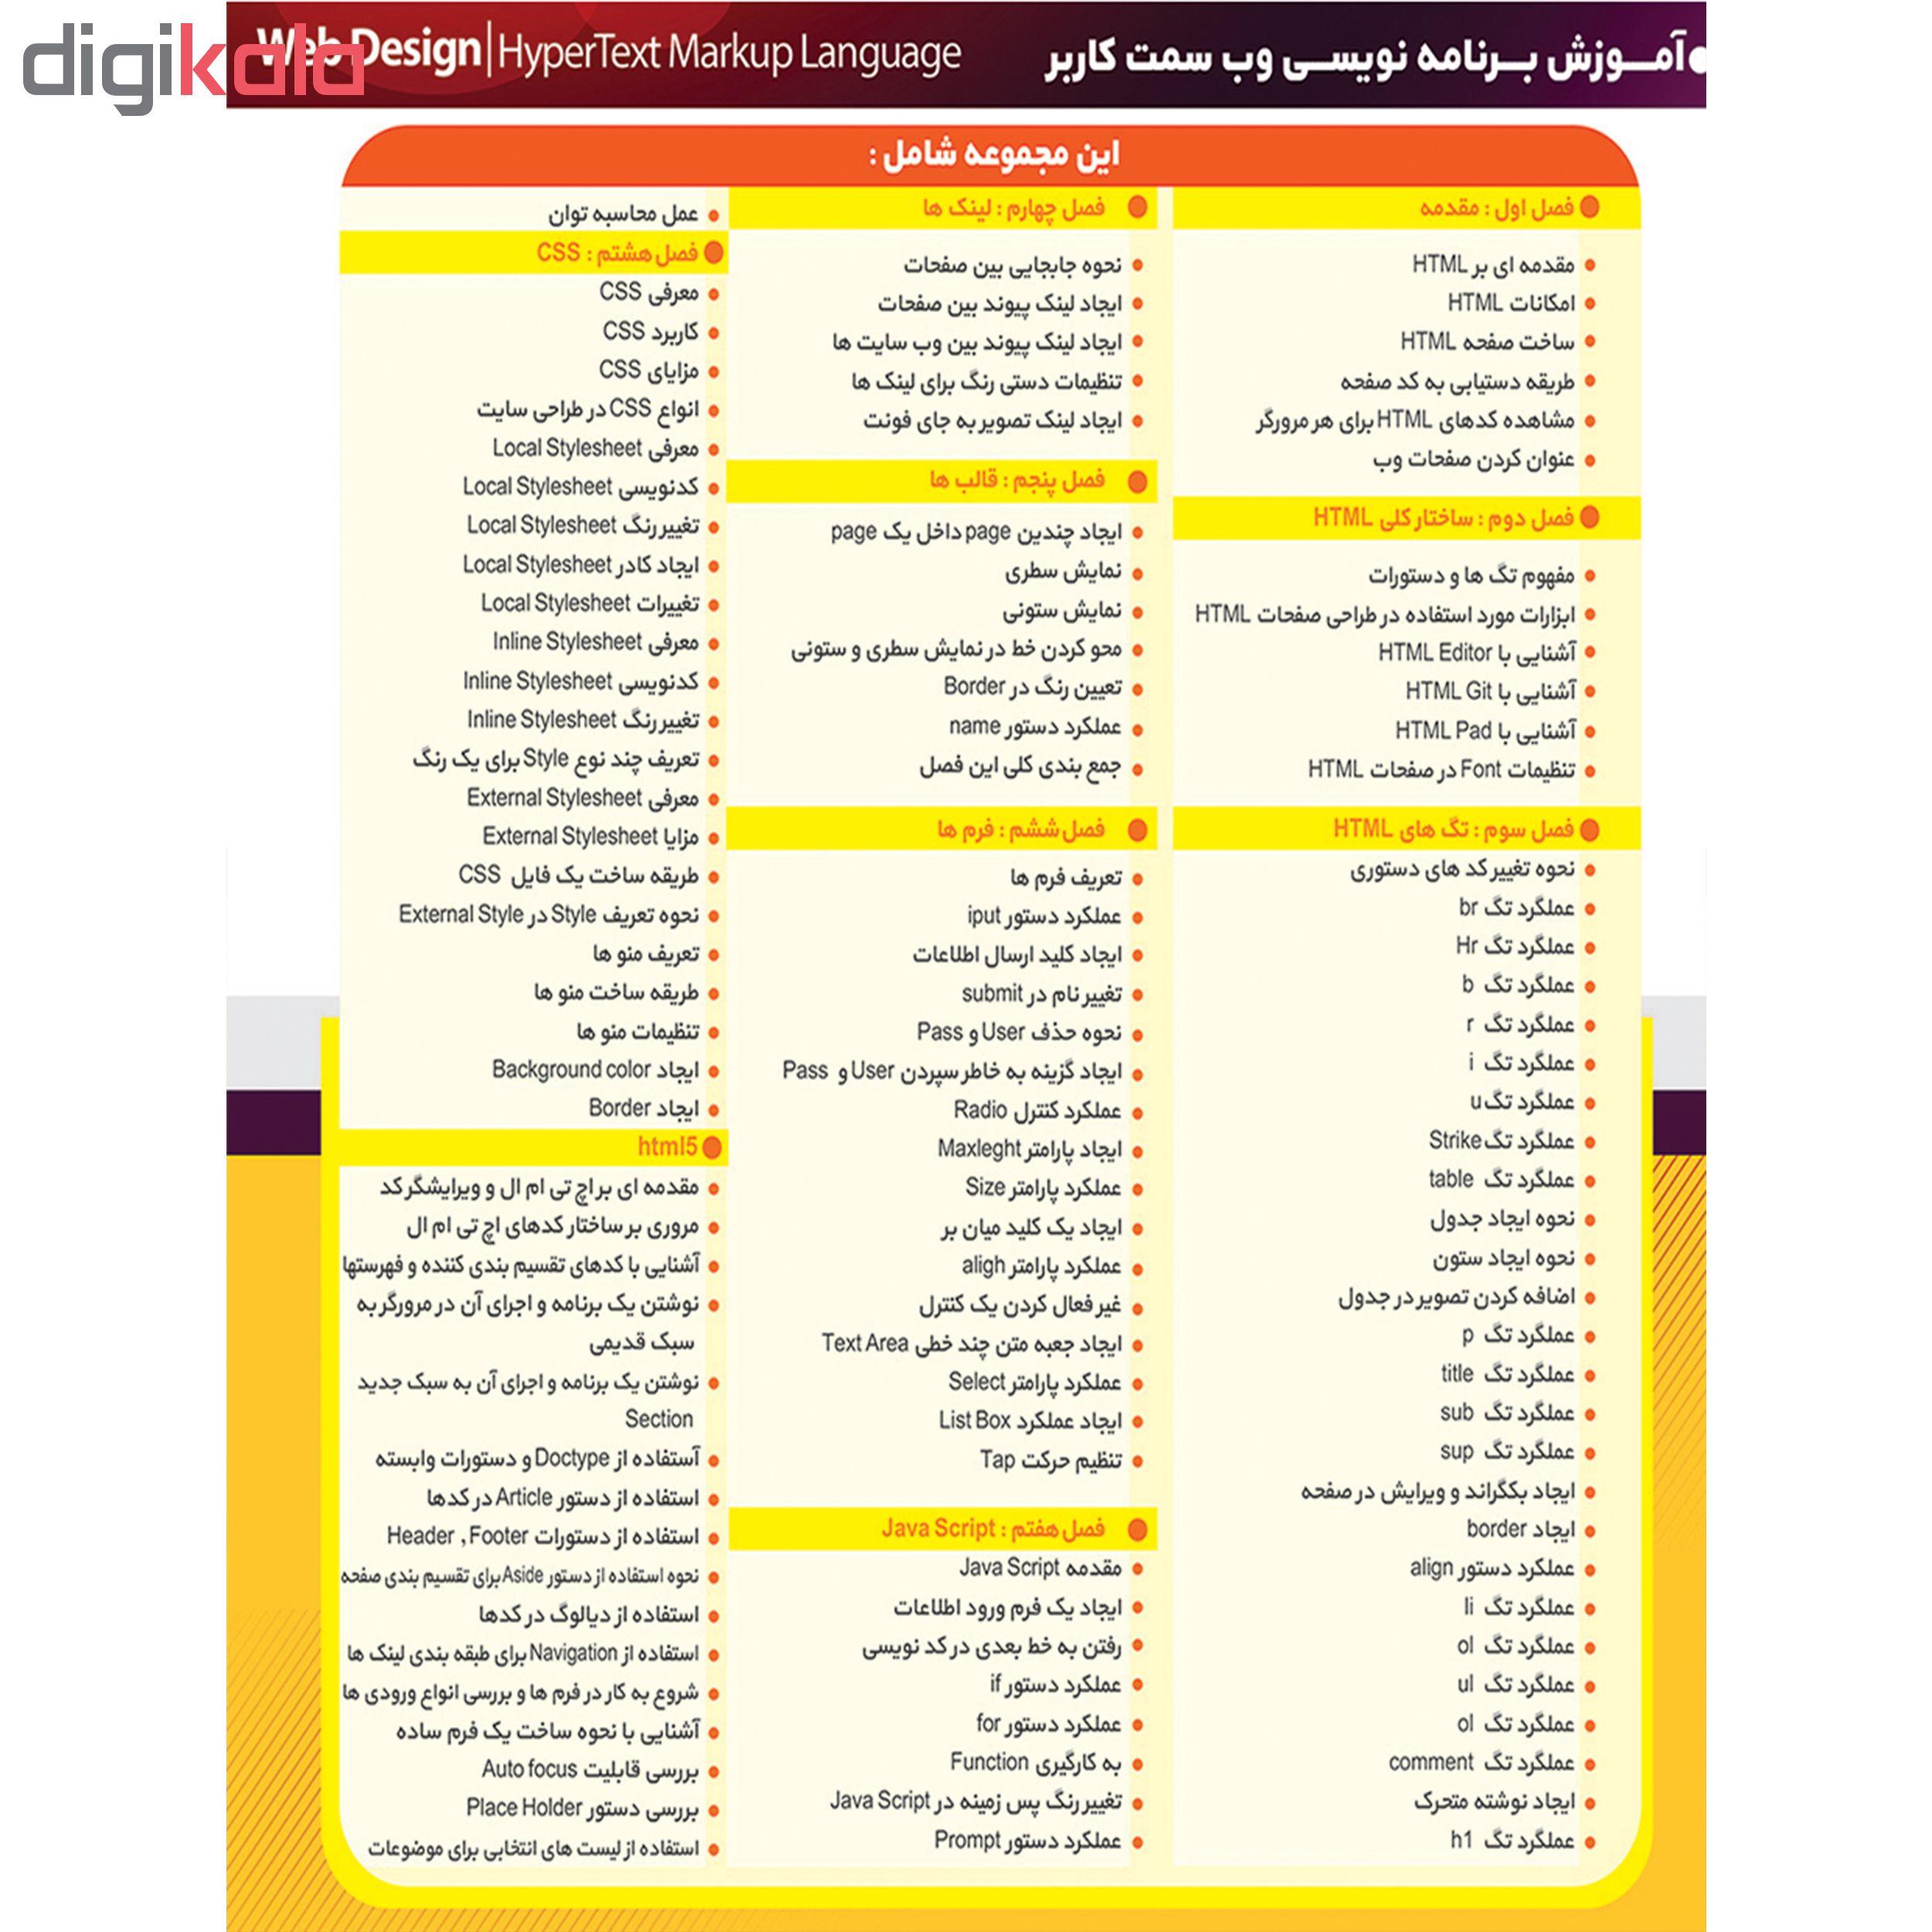 نرم افزار آموزش HTML 5 نشر پدیا سافت به همراه نرم افزار آموزش WORDPRESS نشر پدیده